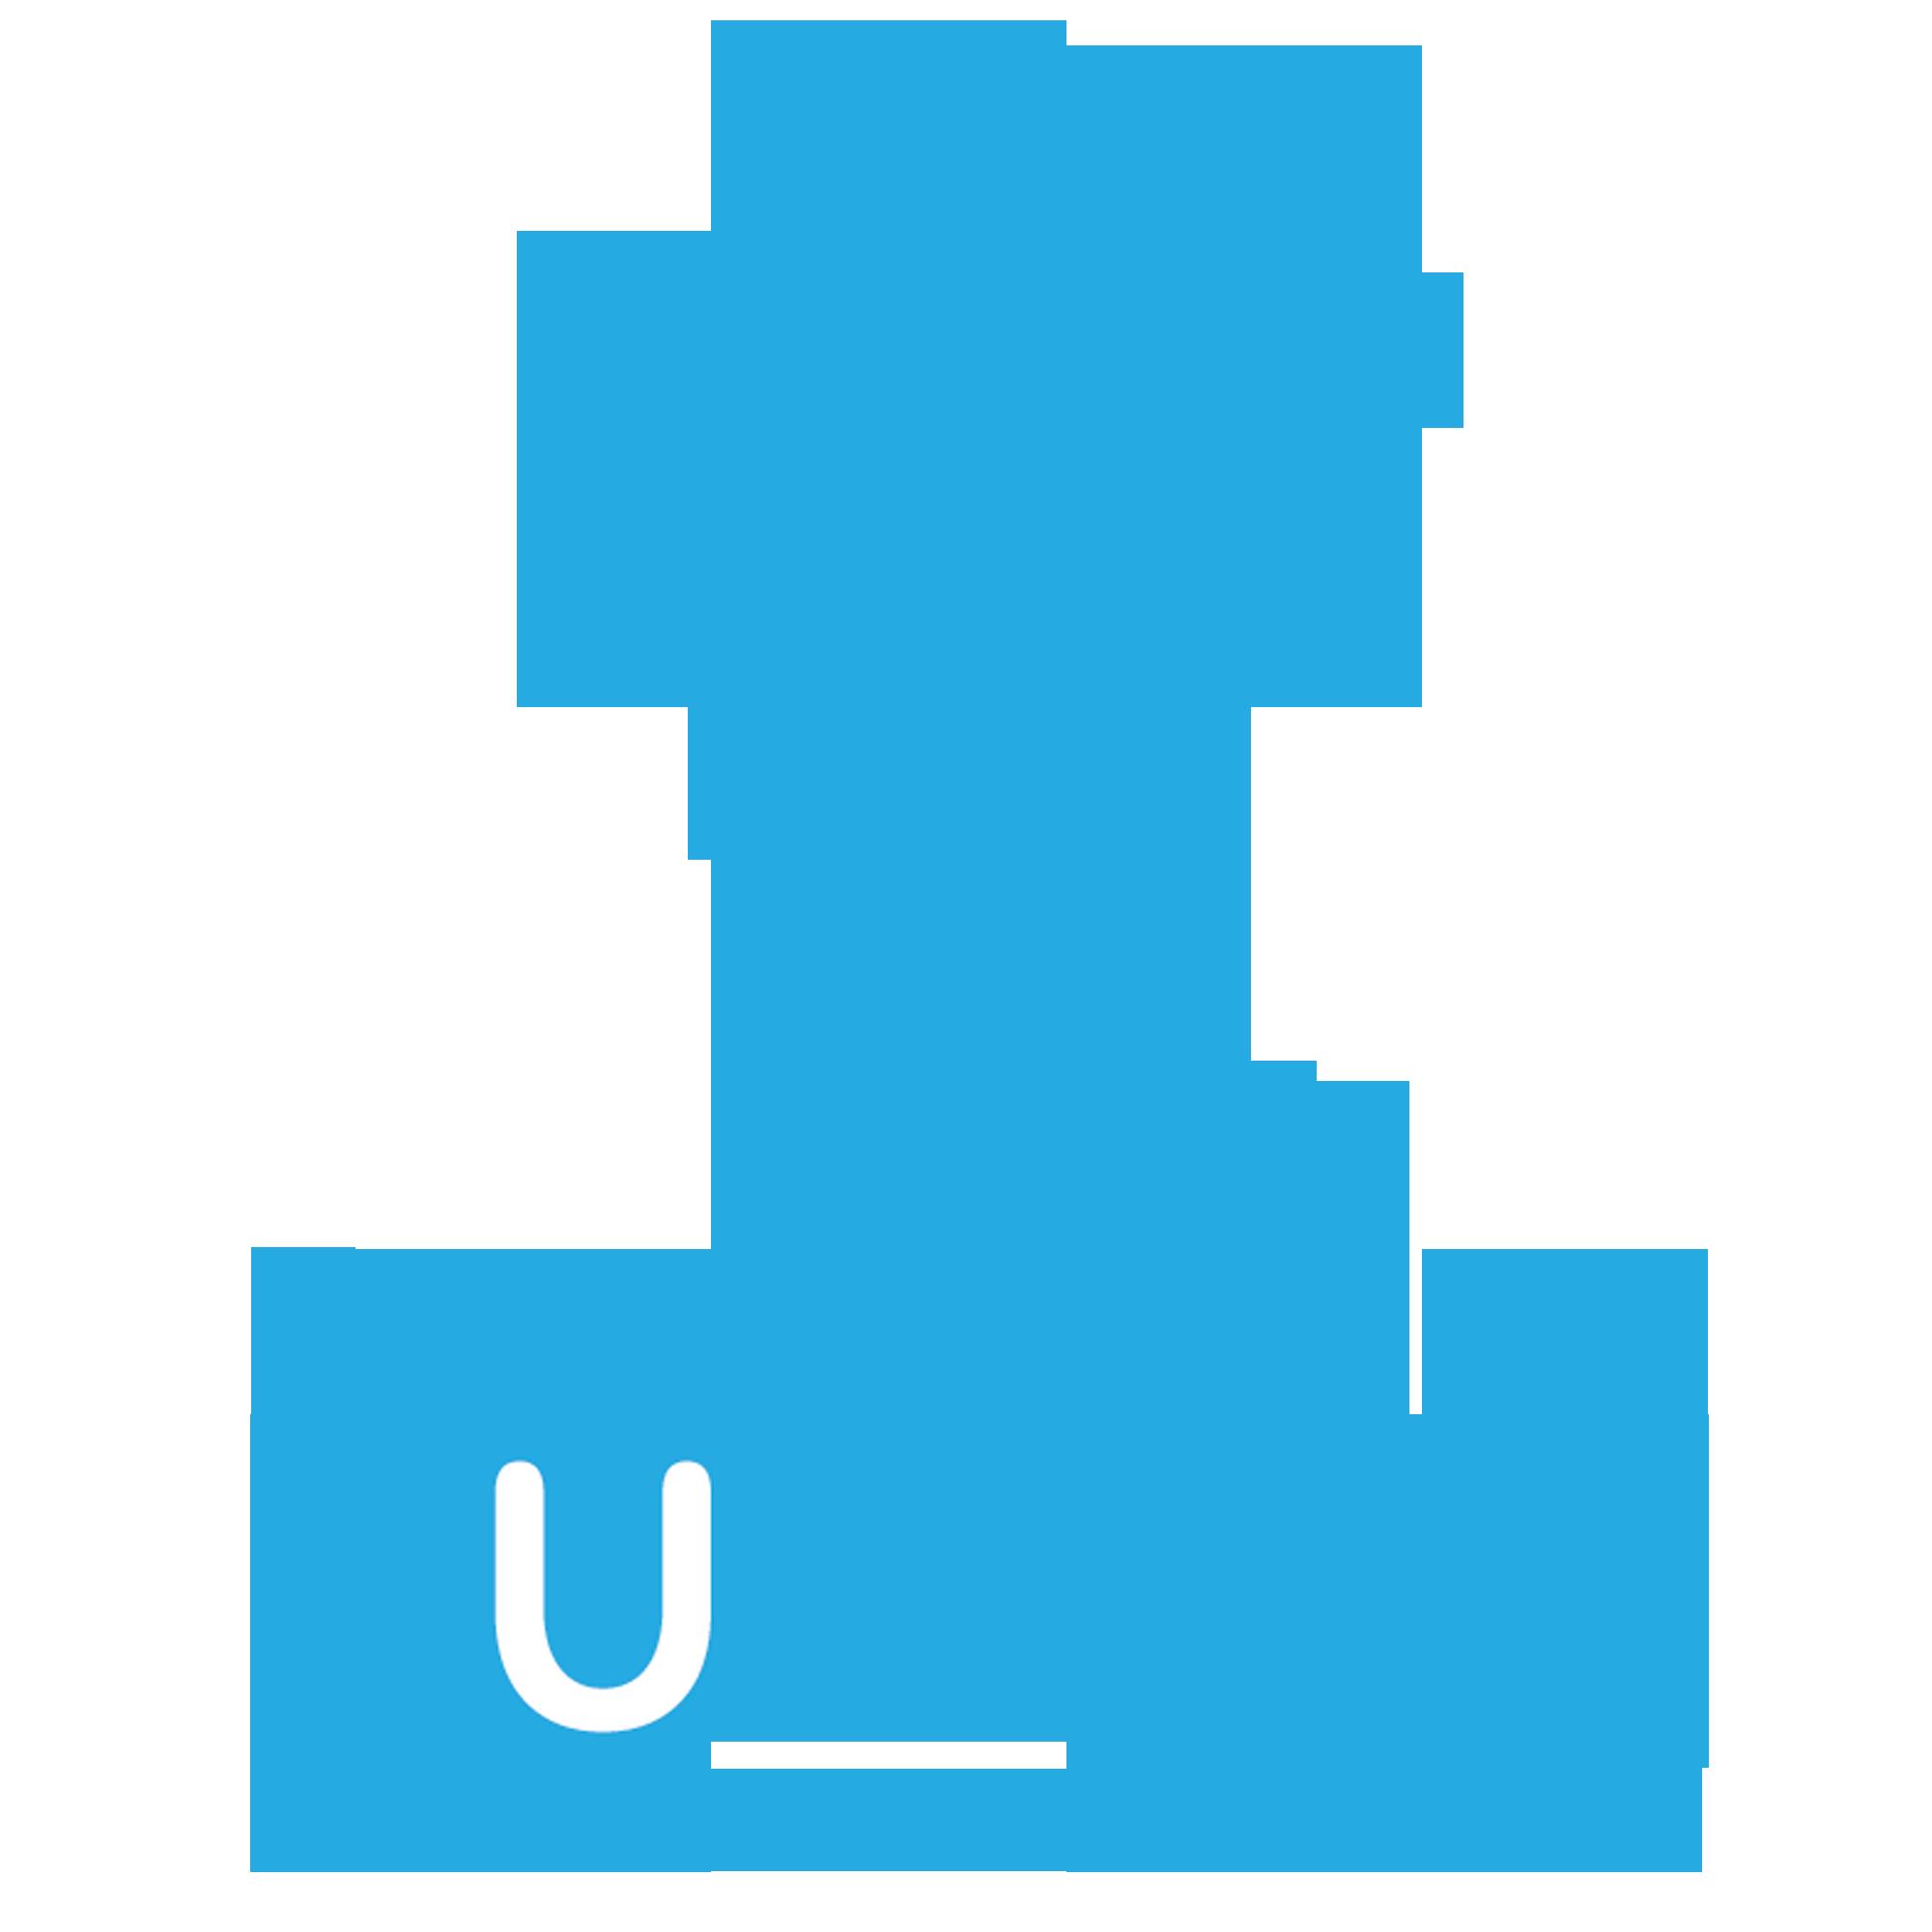 Cb logo high res blue